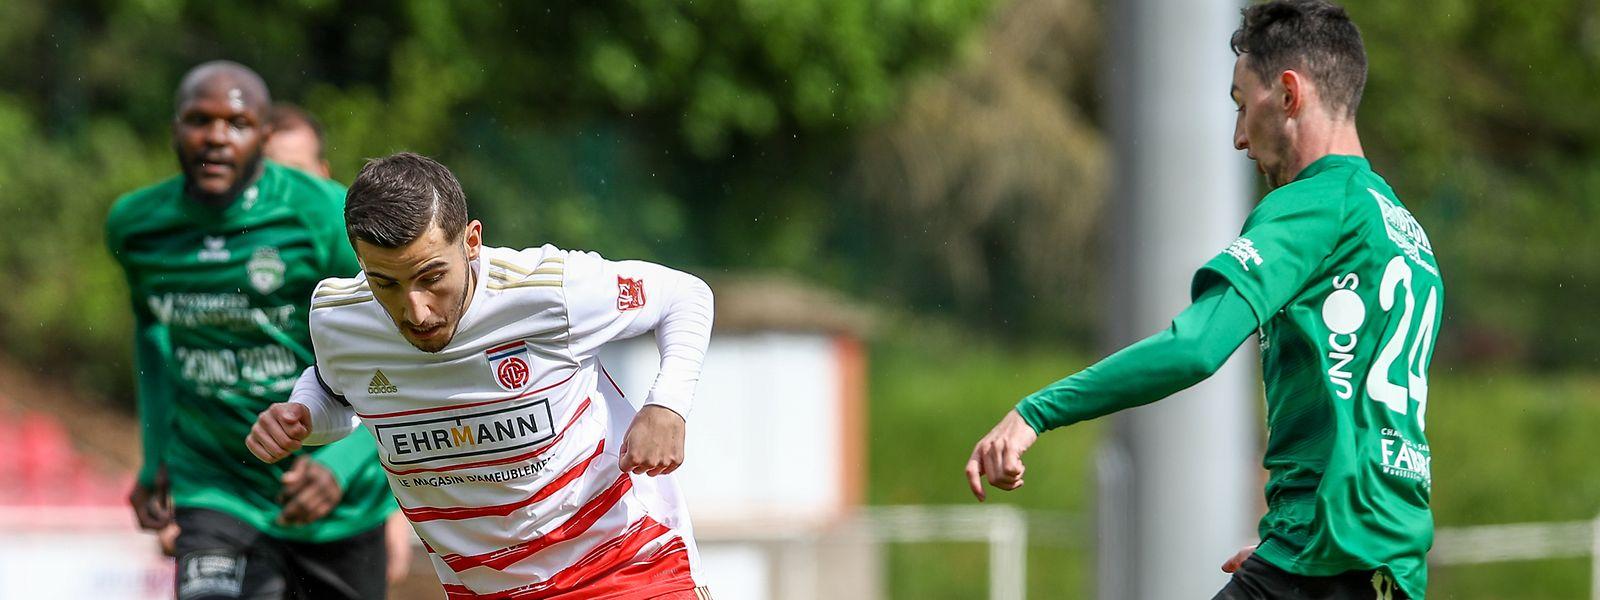 Die zwei Tore von Zachary Hadji (l.) reichen für Fola gegen Mondorf un Alexis Heintz nicht aus.